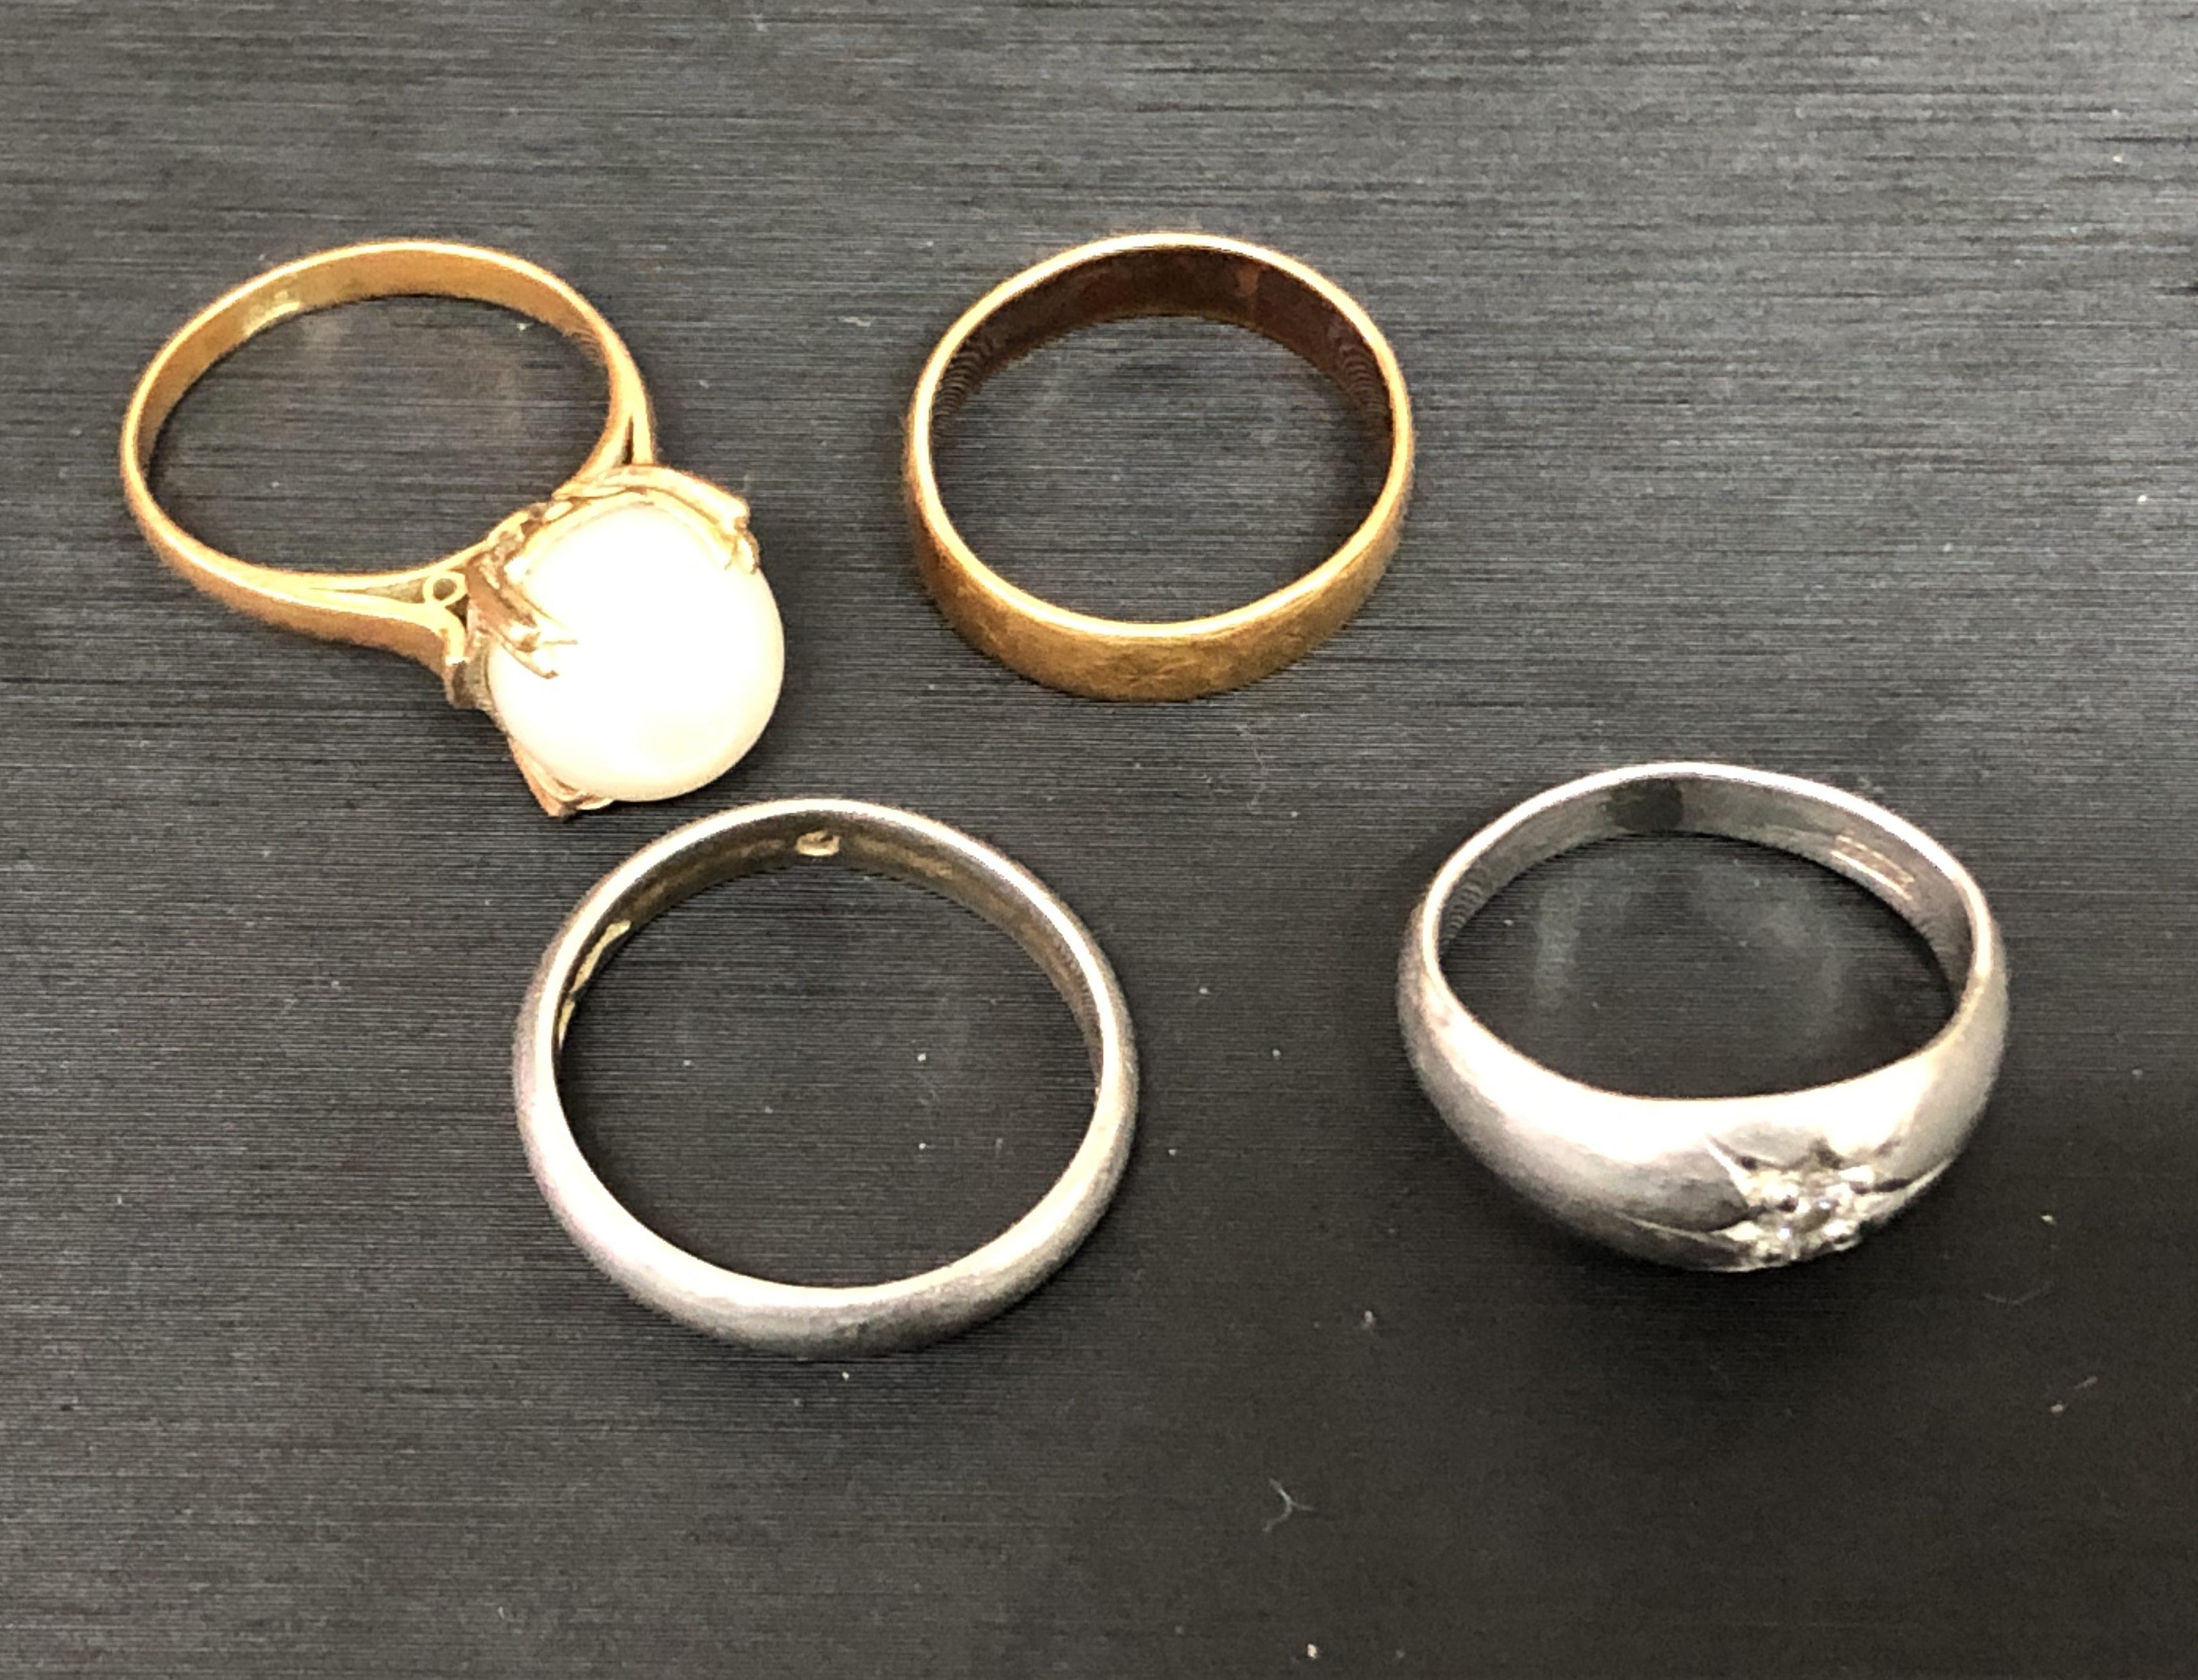 金 プラチナ 貴金属 ダイヤモンド 高価買取 買取 鹿児島